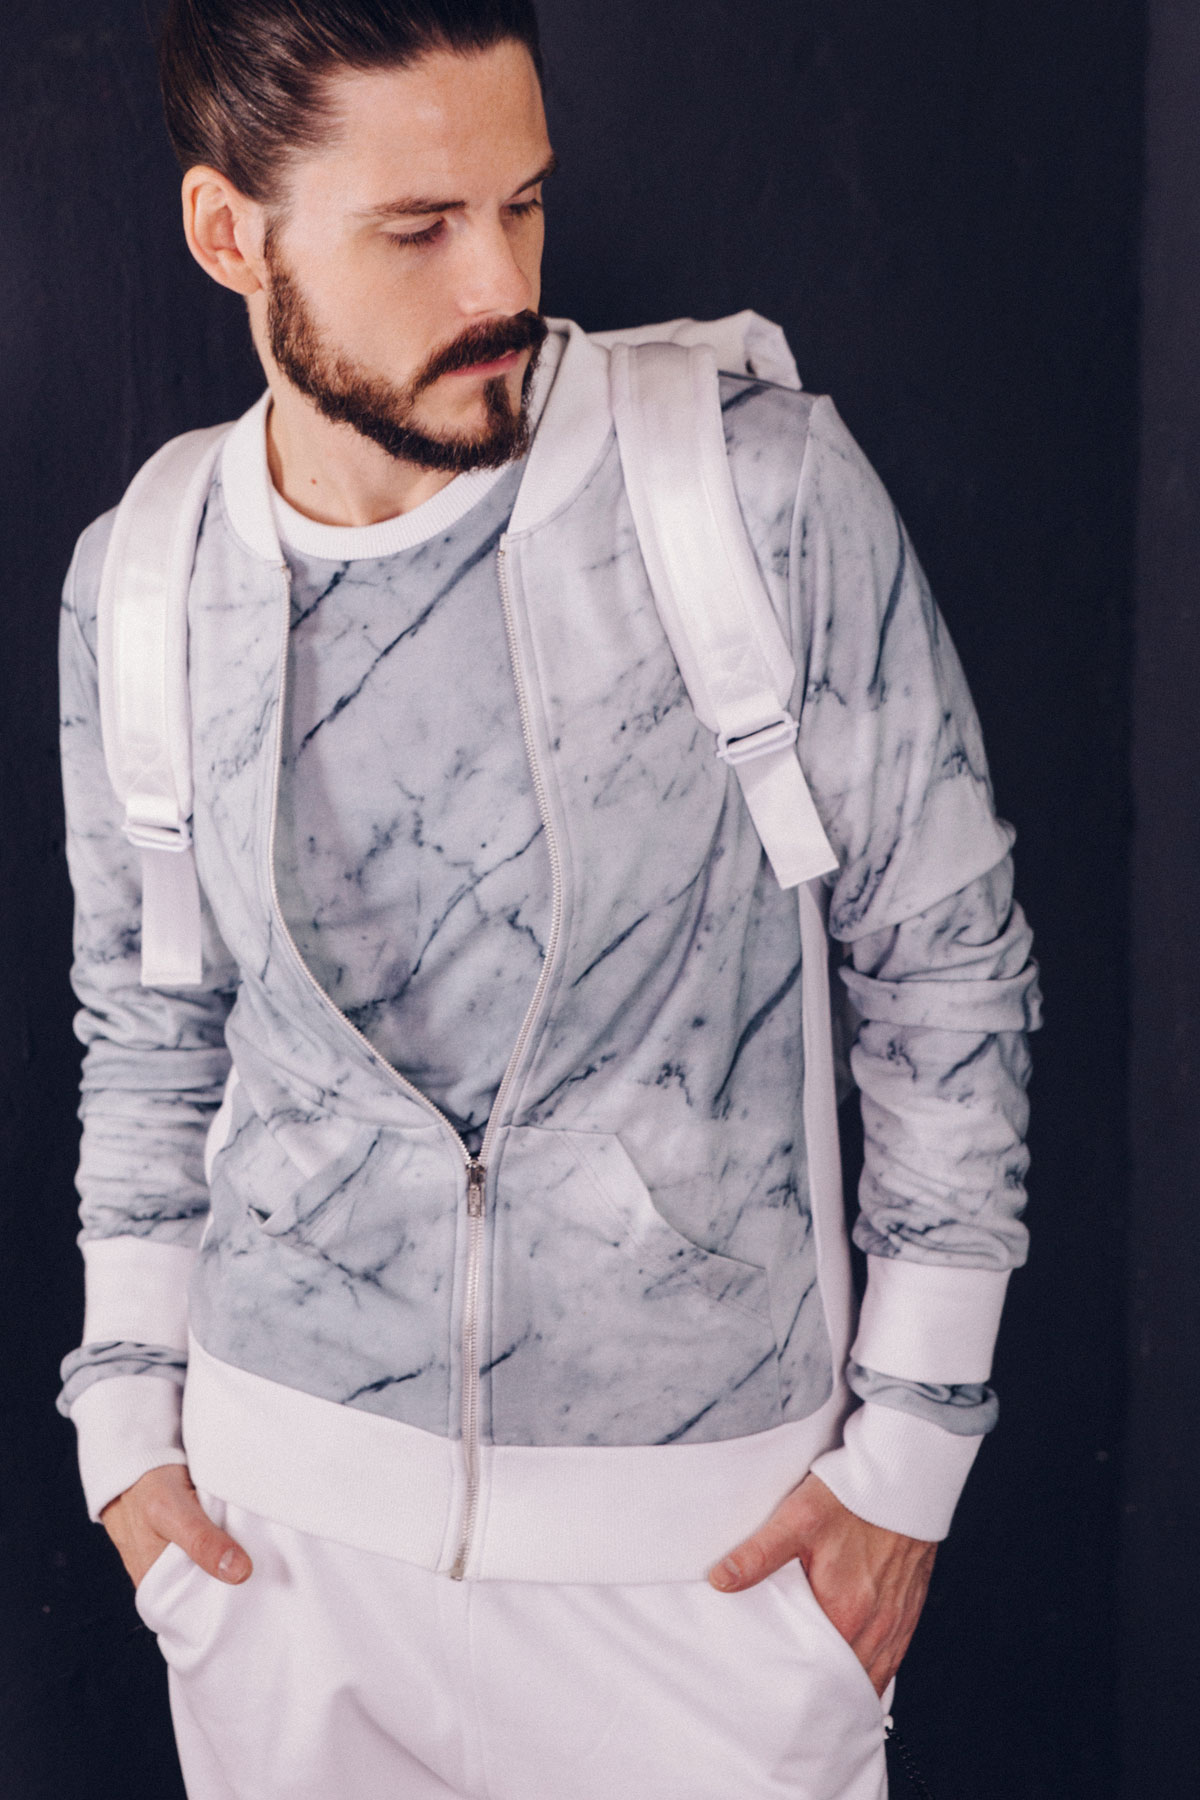 modeblog-kaisers-neue-kleider-sportlich-weiss-marmor-print-sportswear-look